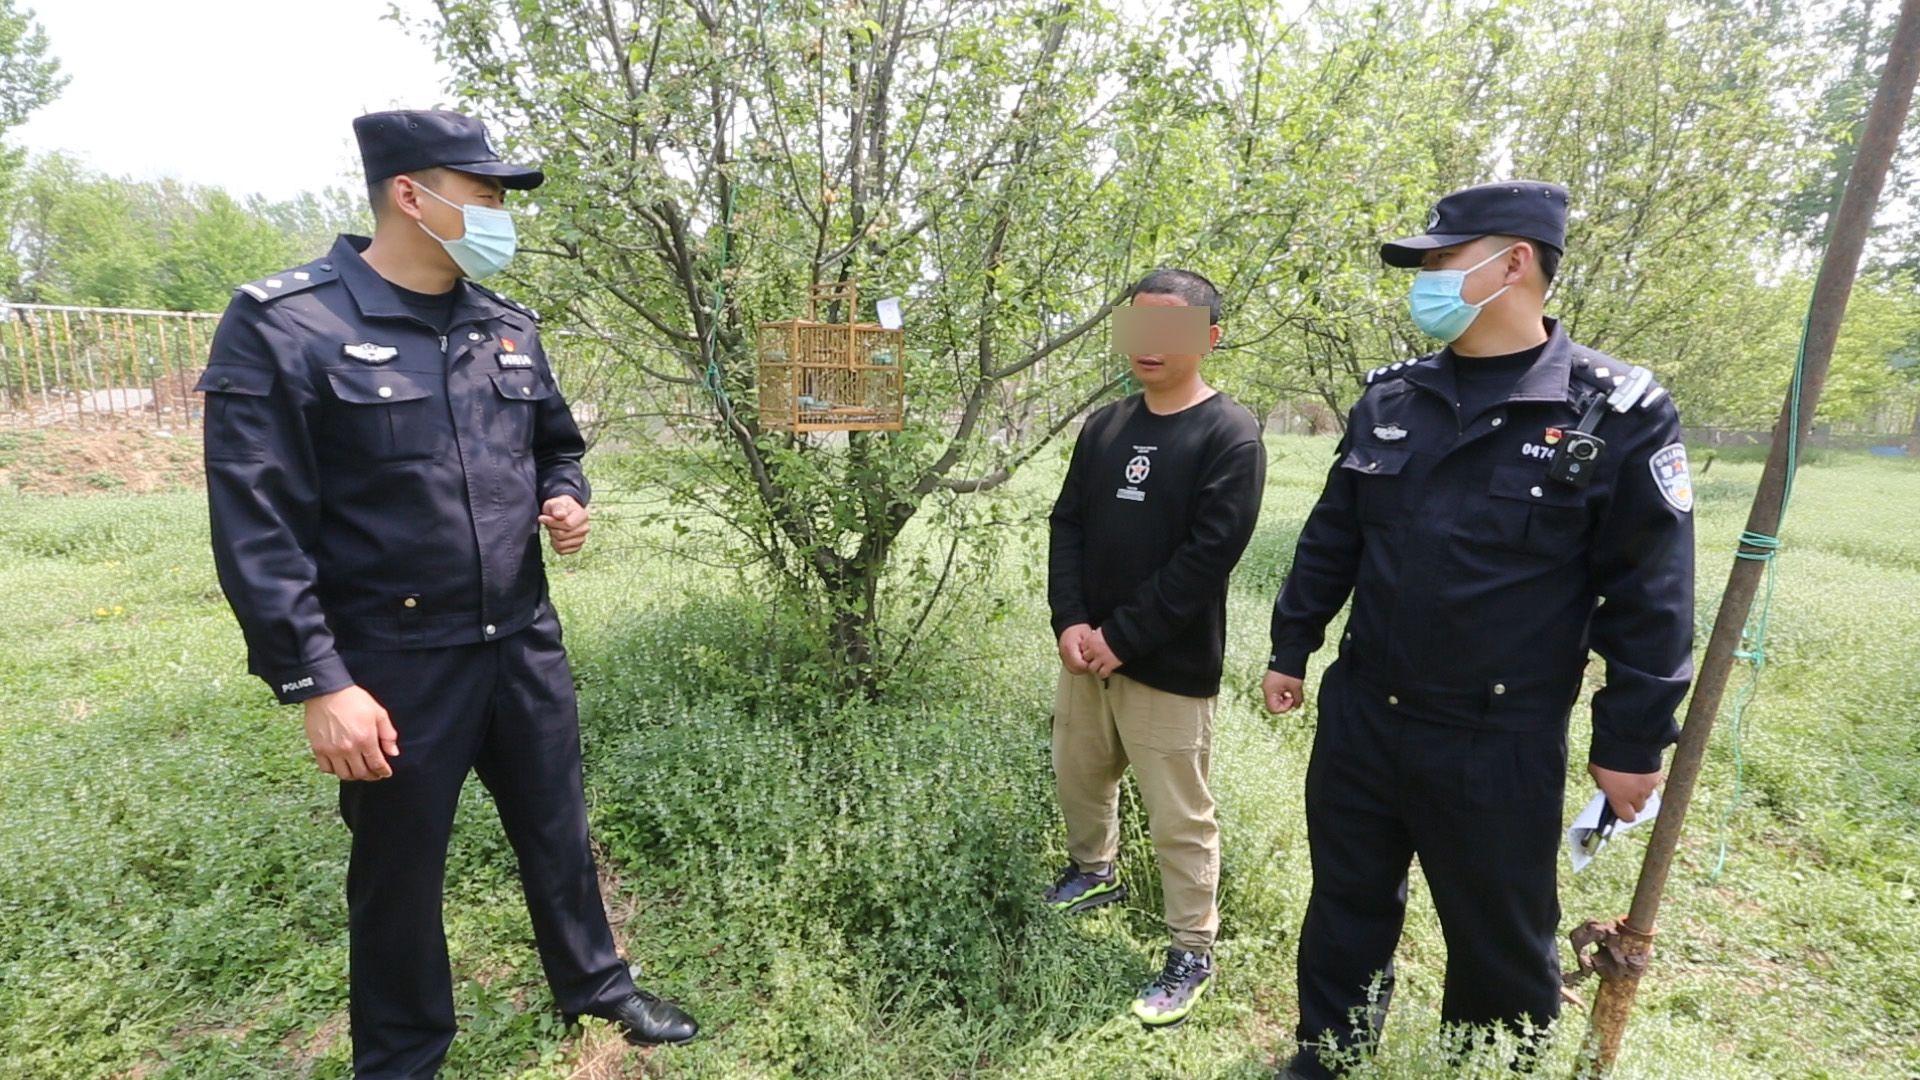 男子架设粘网、捕鸟笼涉嫌非法狩猎被抓,警方解救21只野生鸟